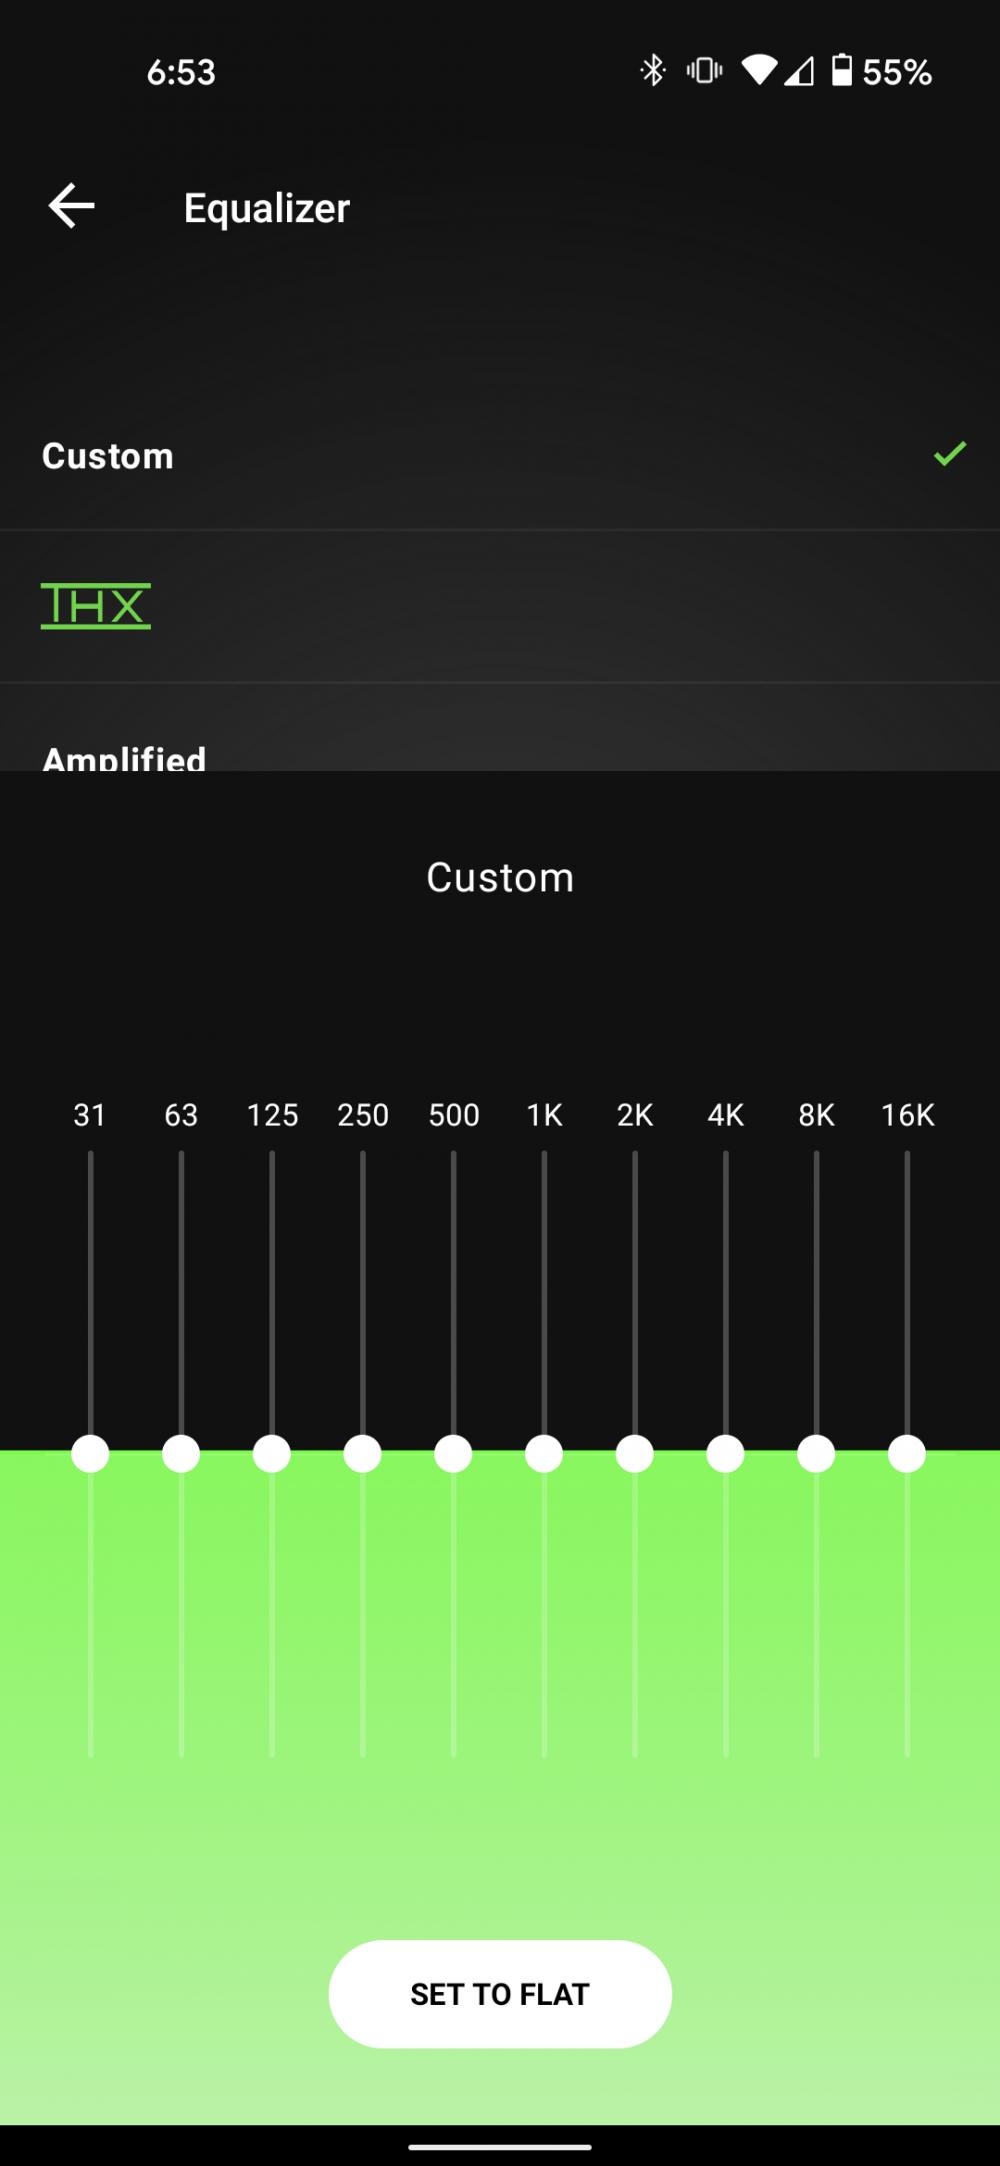 A screenshot of the flat EQ.